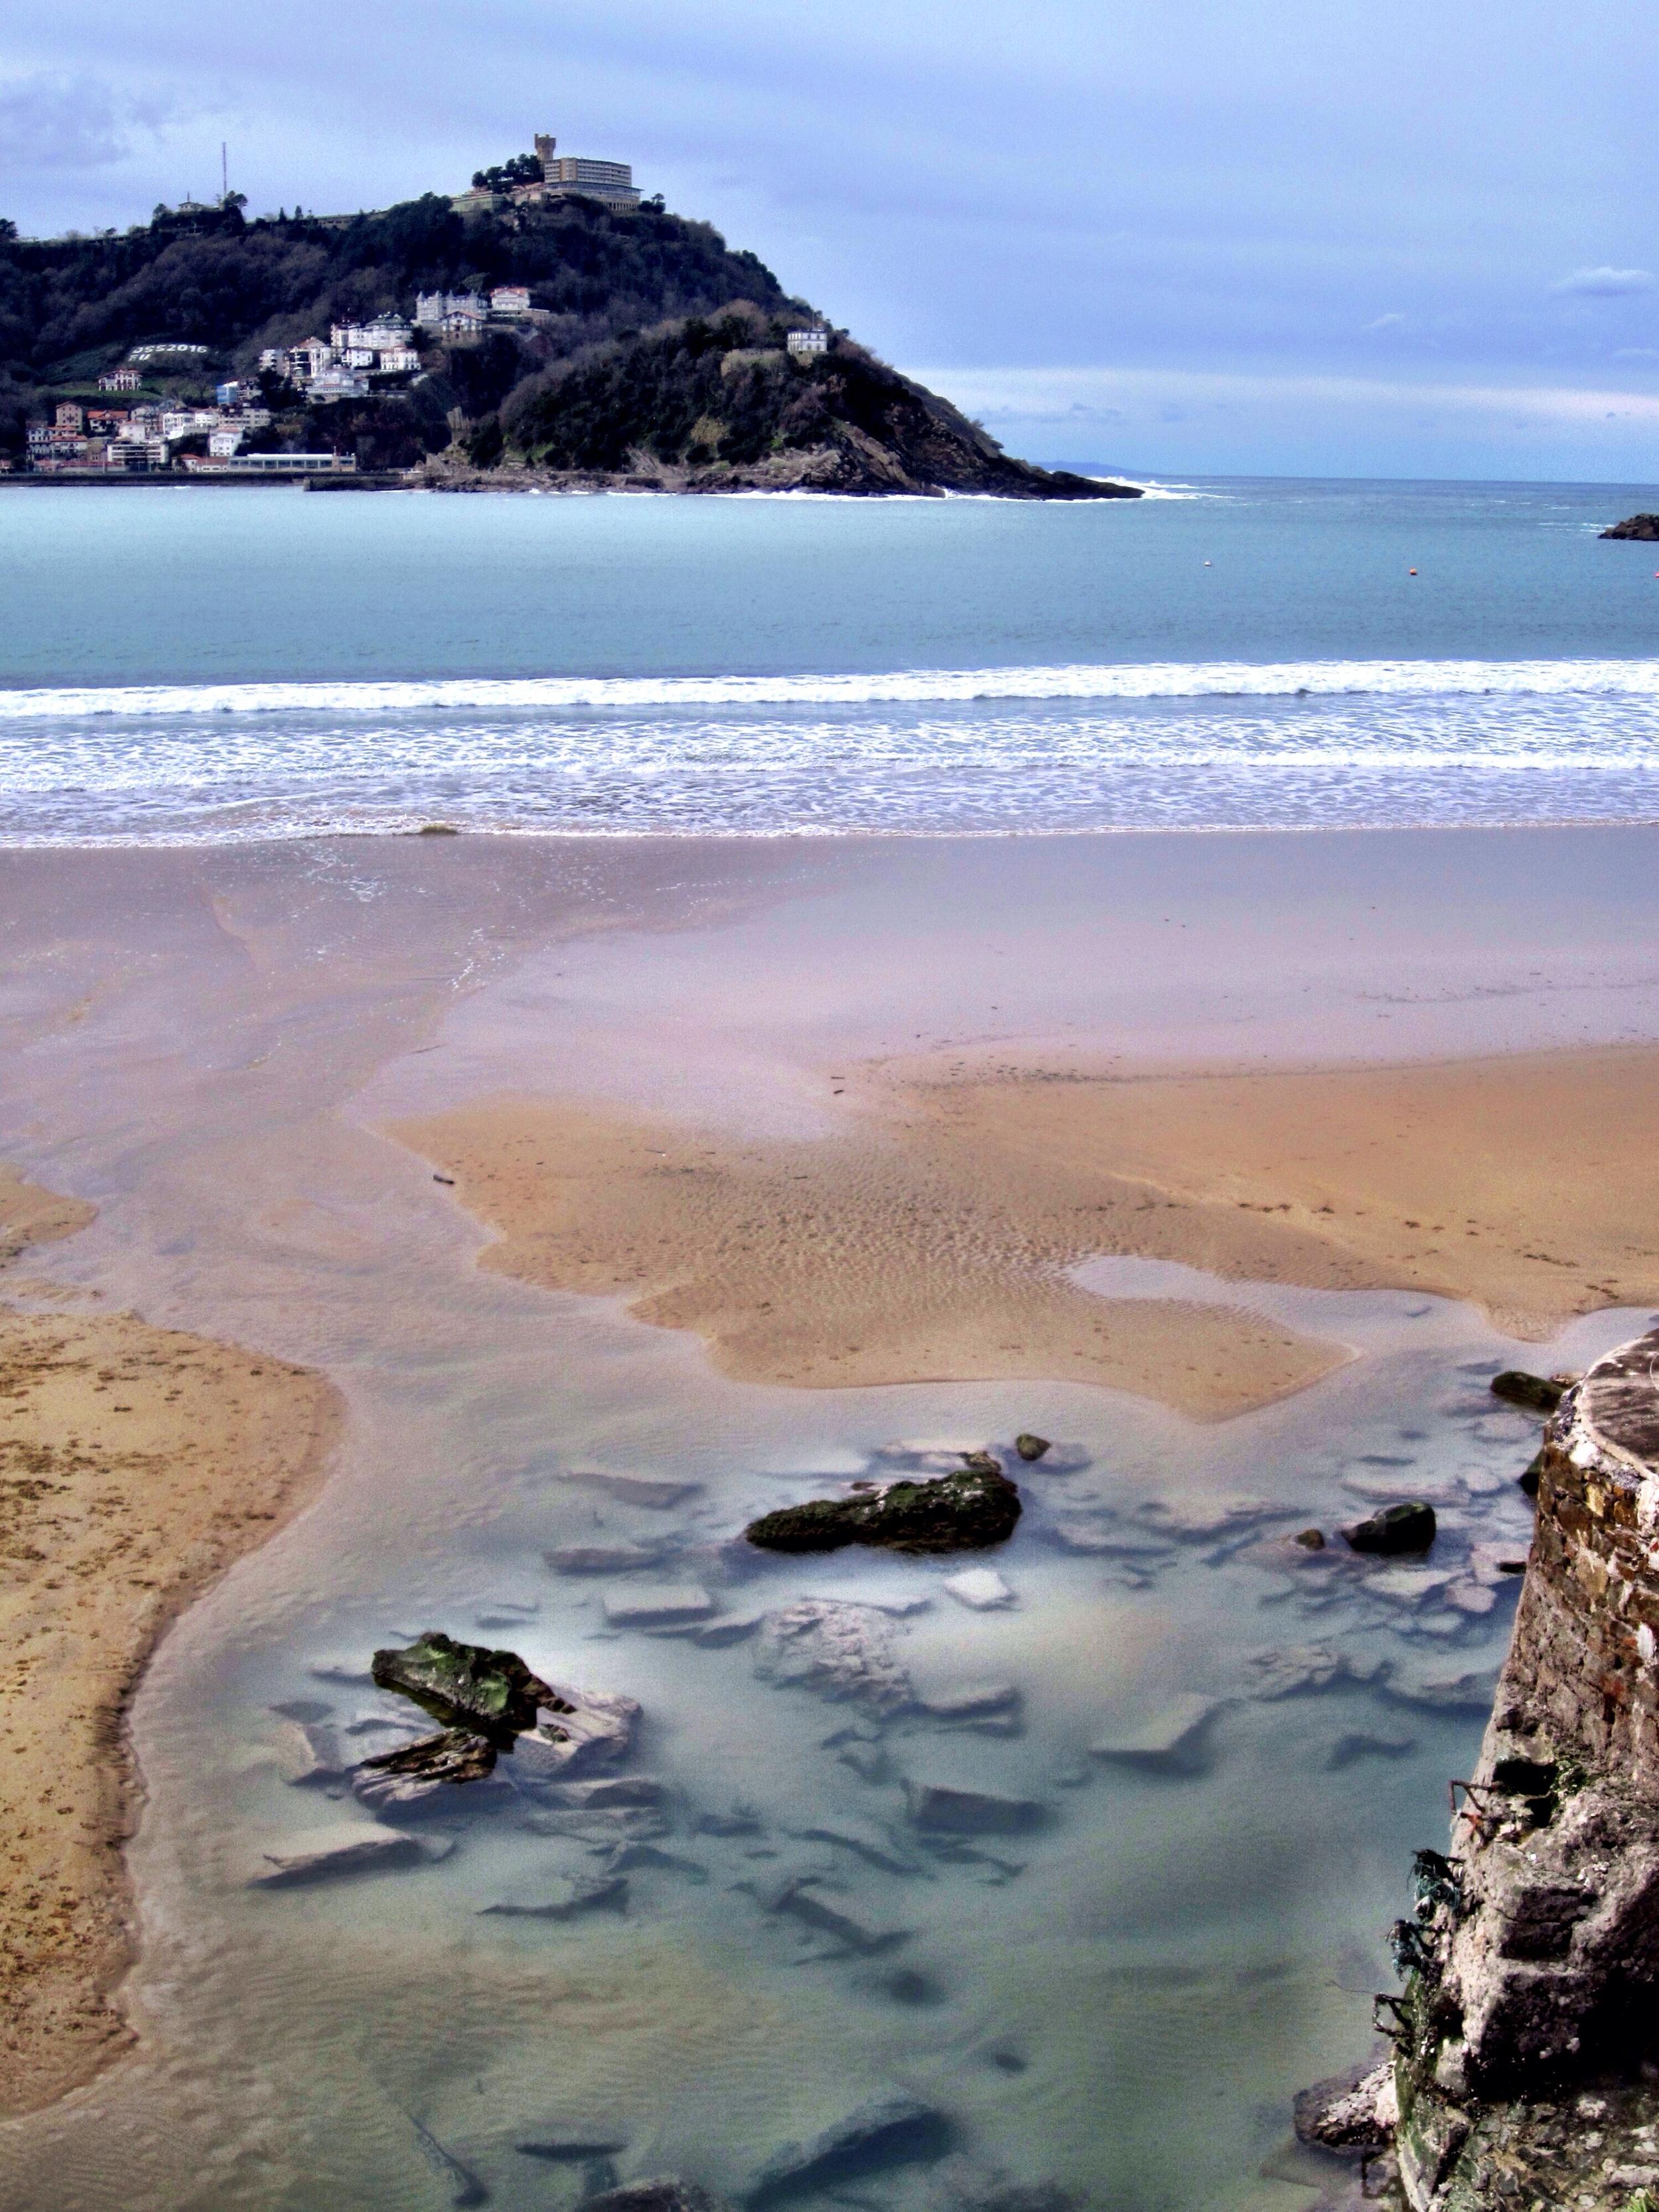 The beach at San Sebastián